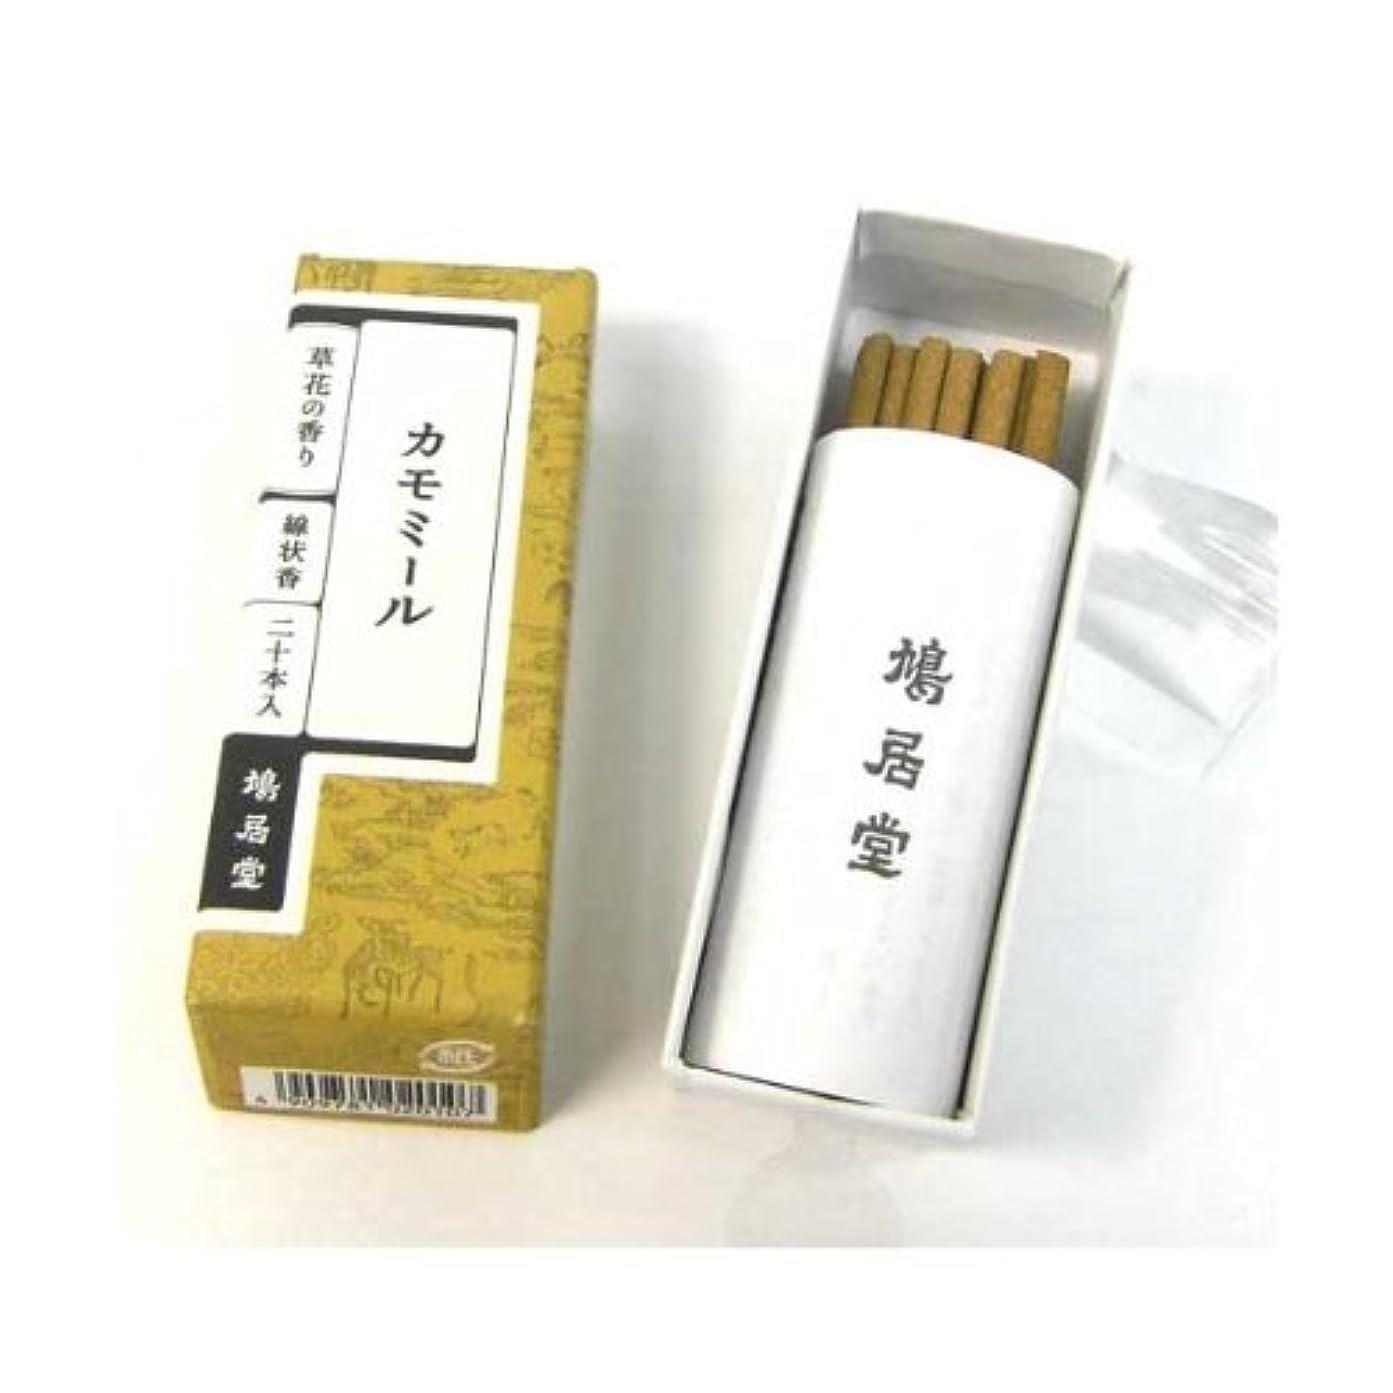 減る共産主義者頭痛鳩居堂 お香 カモミール 草花の香りシリーズ スティックタイプ(棒状香)20本いり